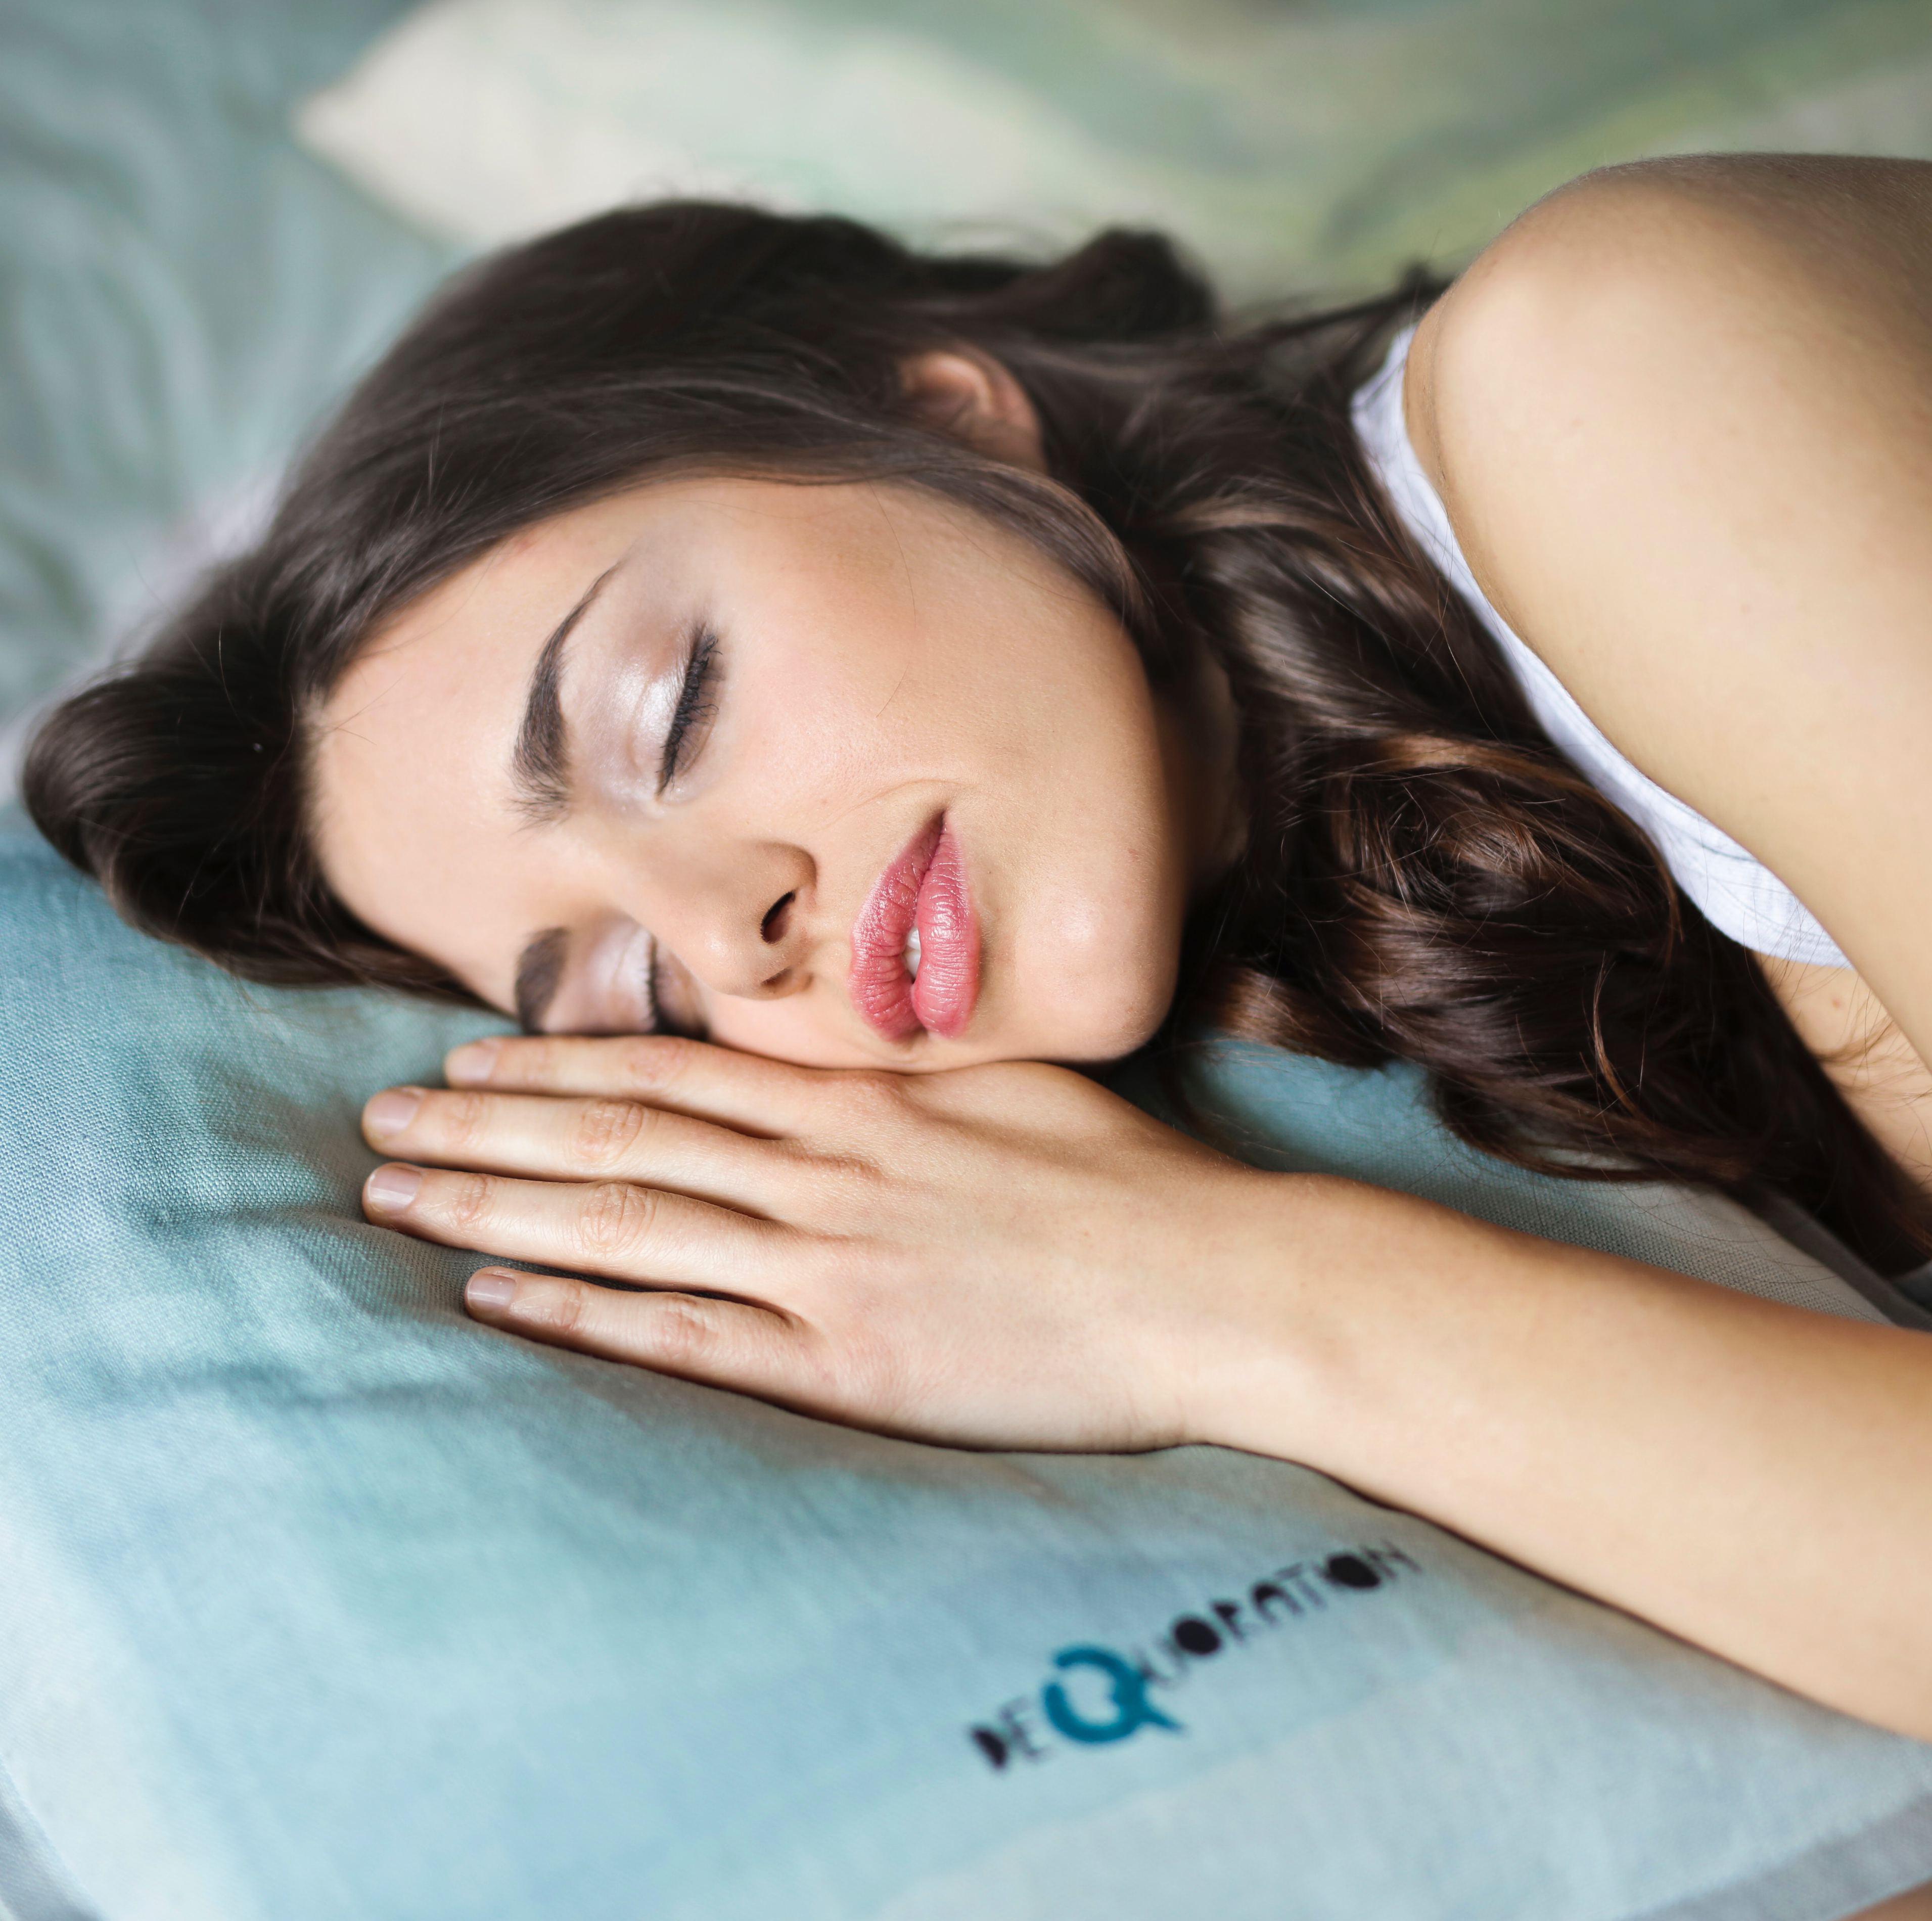 Los 15 beneficios del sueño reparador: dormir bien ayuda a nuestra salud